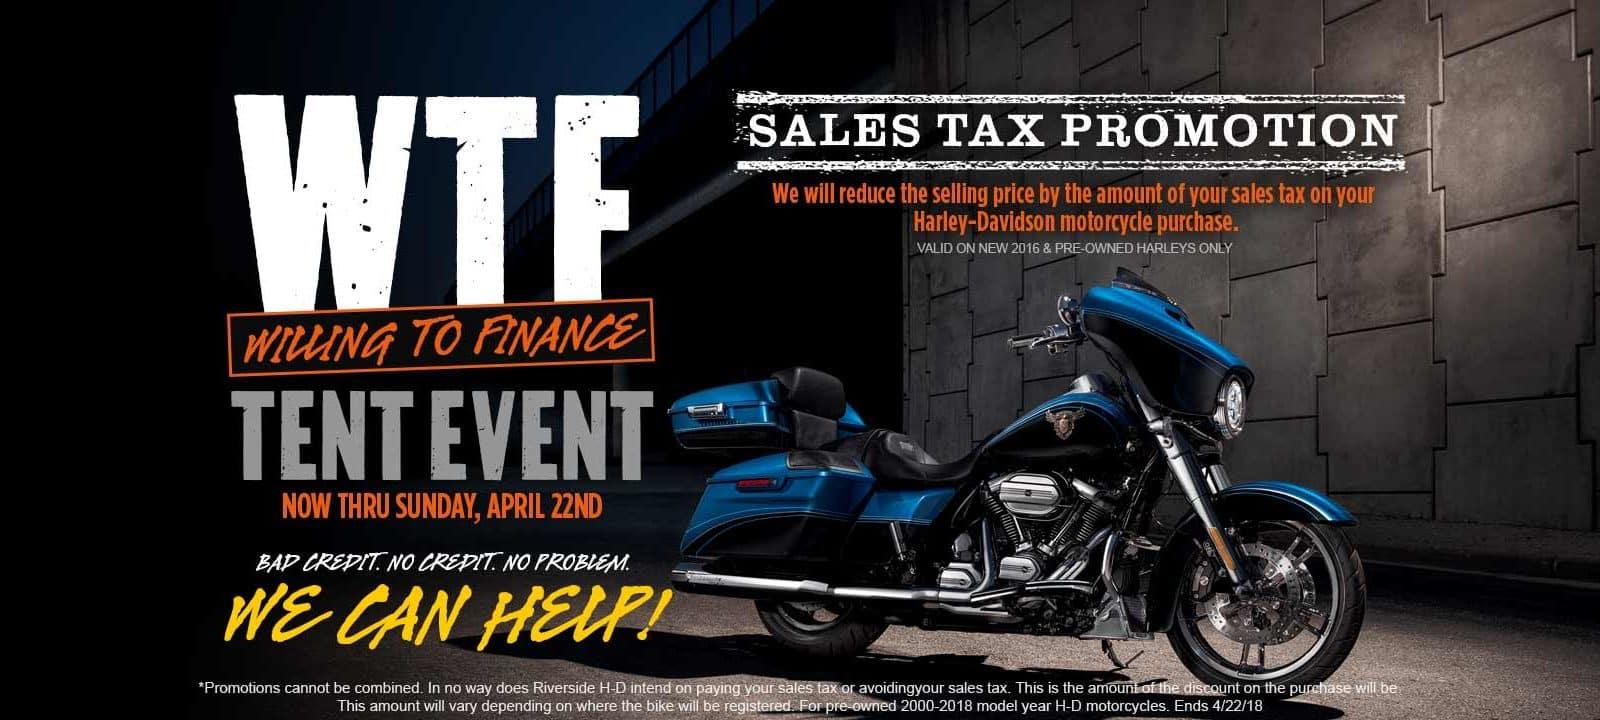 20180416-RSHD-1800x720-WTF-Tent-Event-Sales-Tax